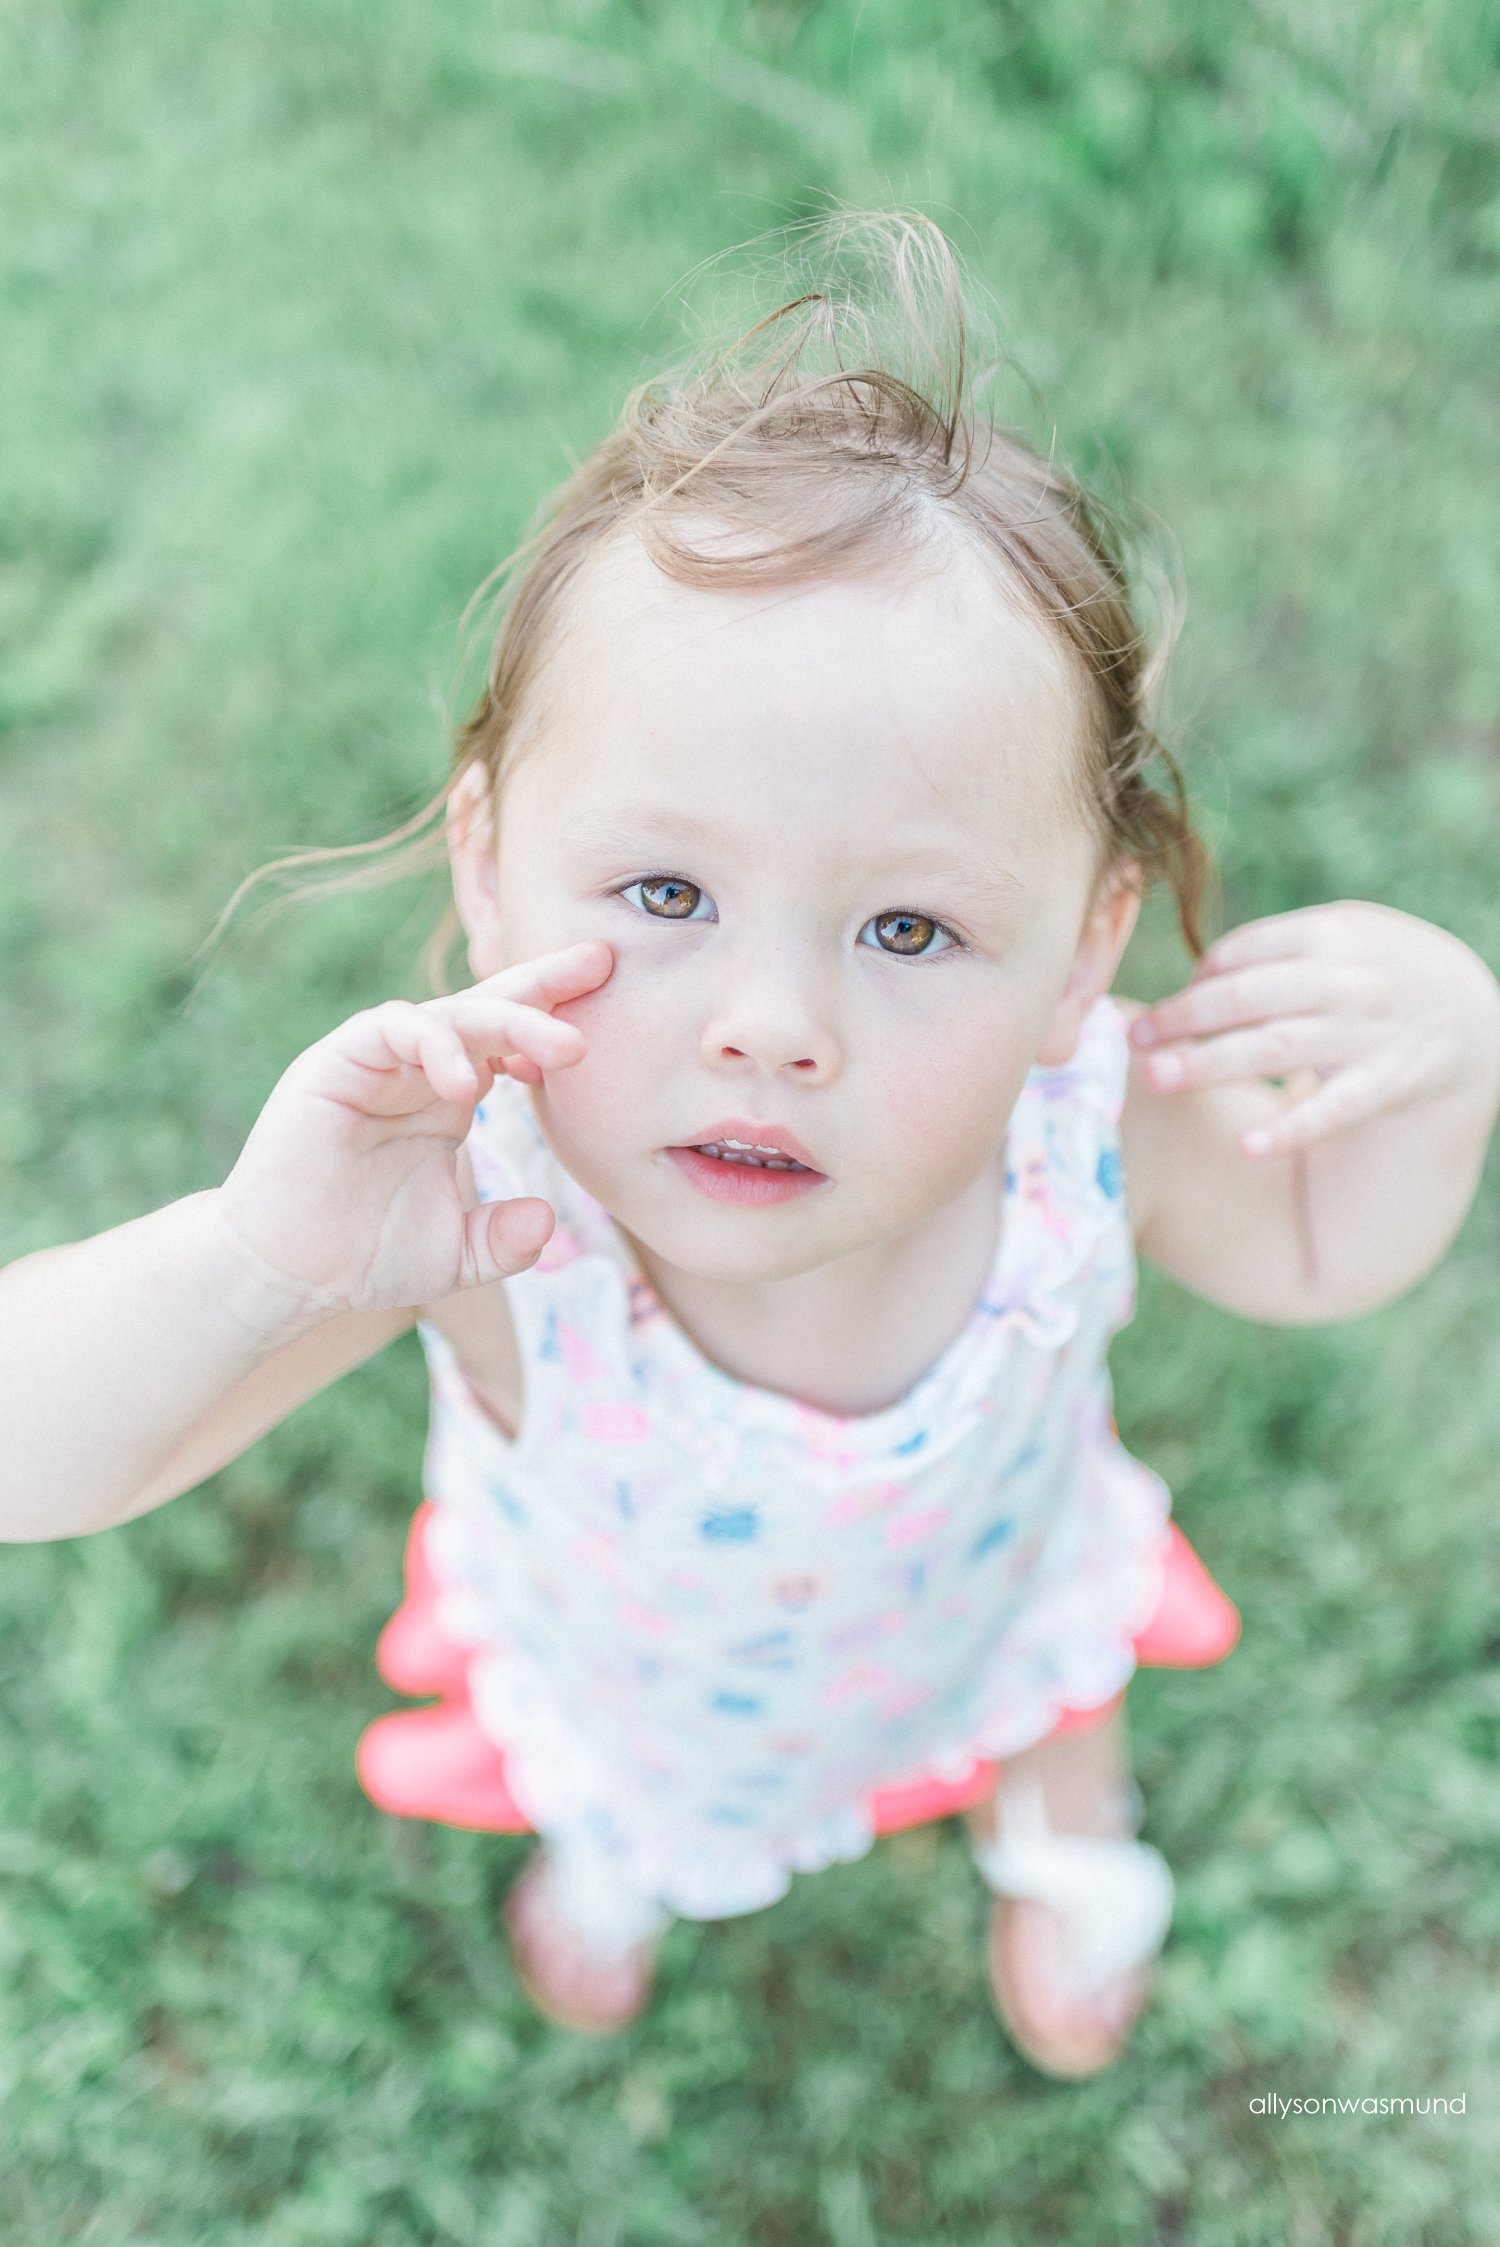 shakopee-mn-child-baby-milestone-photographer_0010.jpg